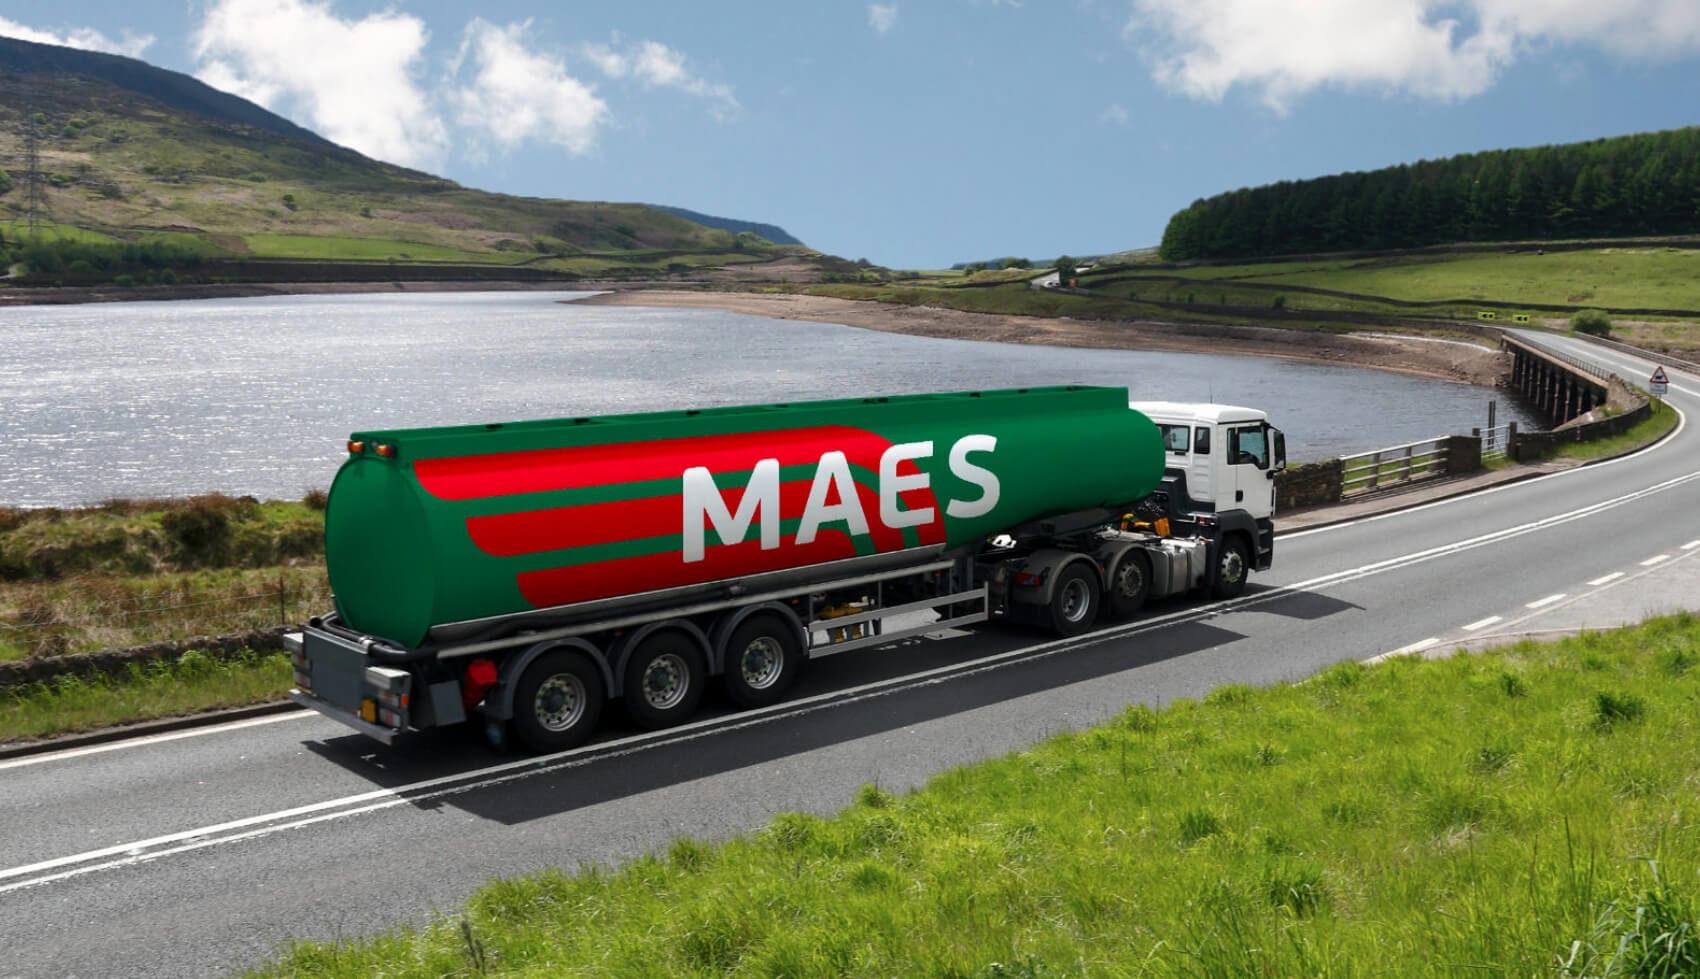 MAES - MAES : rebranding et augmentation des demandes de cartes carburant